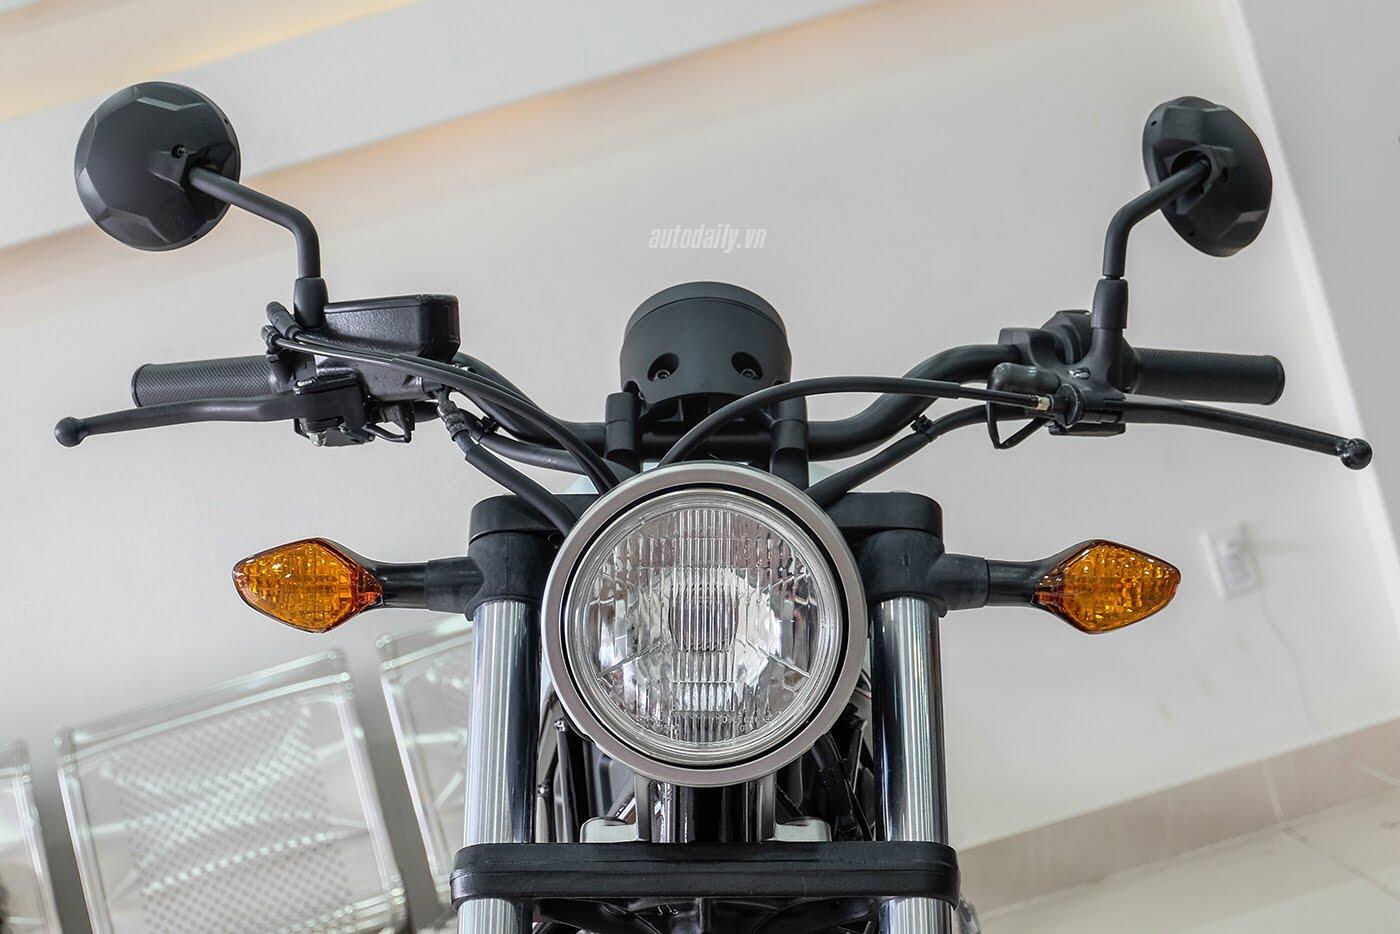 Honda Rebel 300 ABS 2017 đầu tiên về Việt Nam, giá hơn 170 triệu đồng - Hình 5